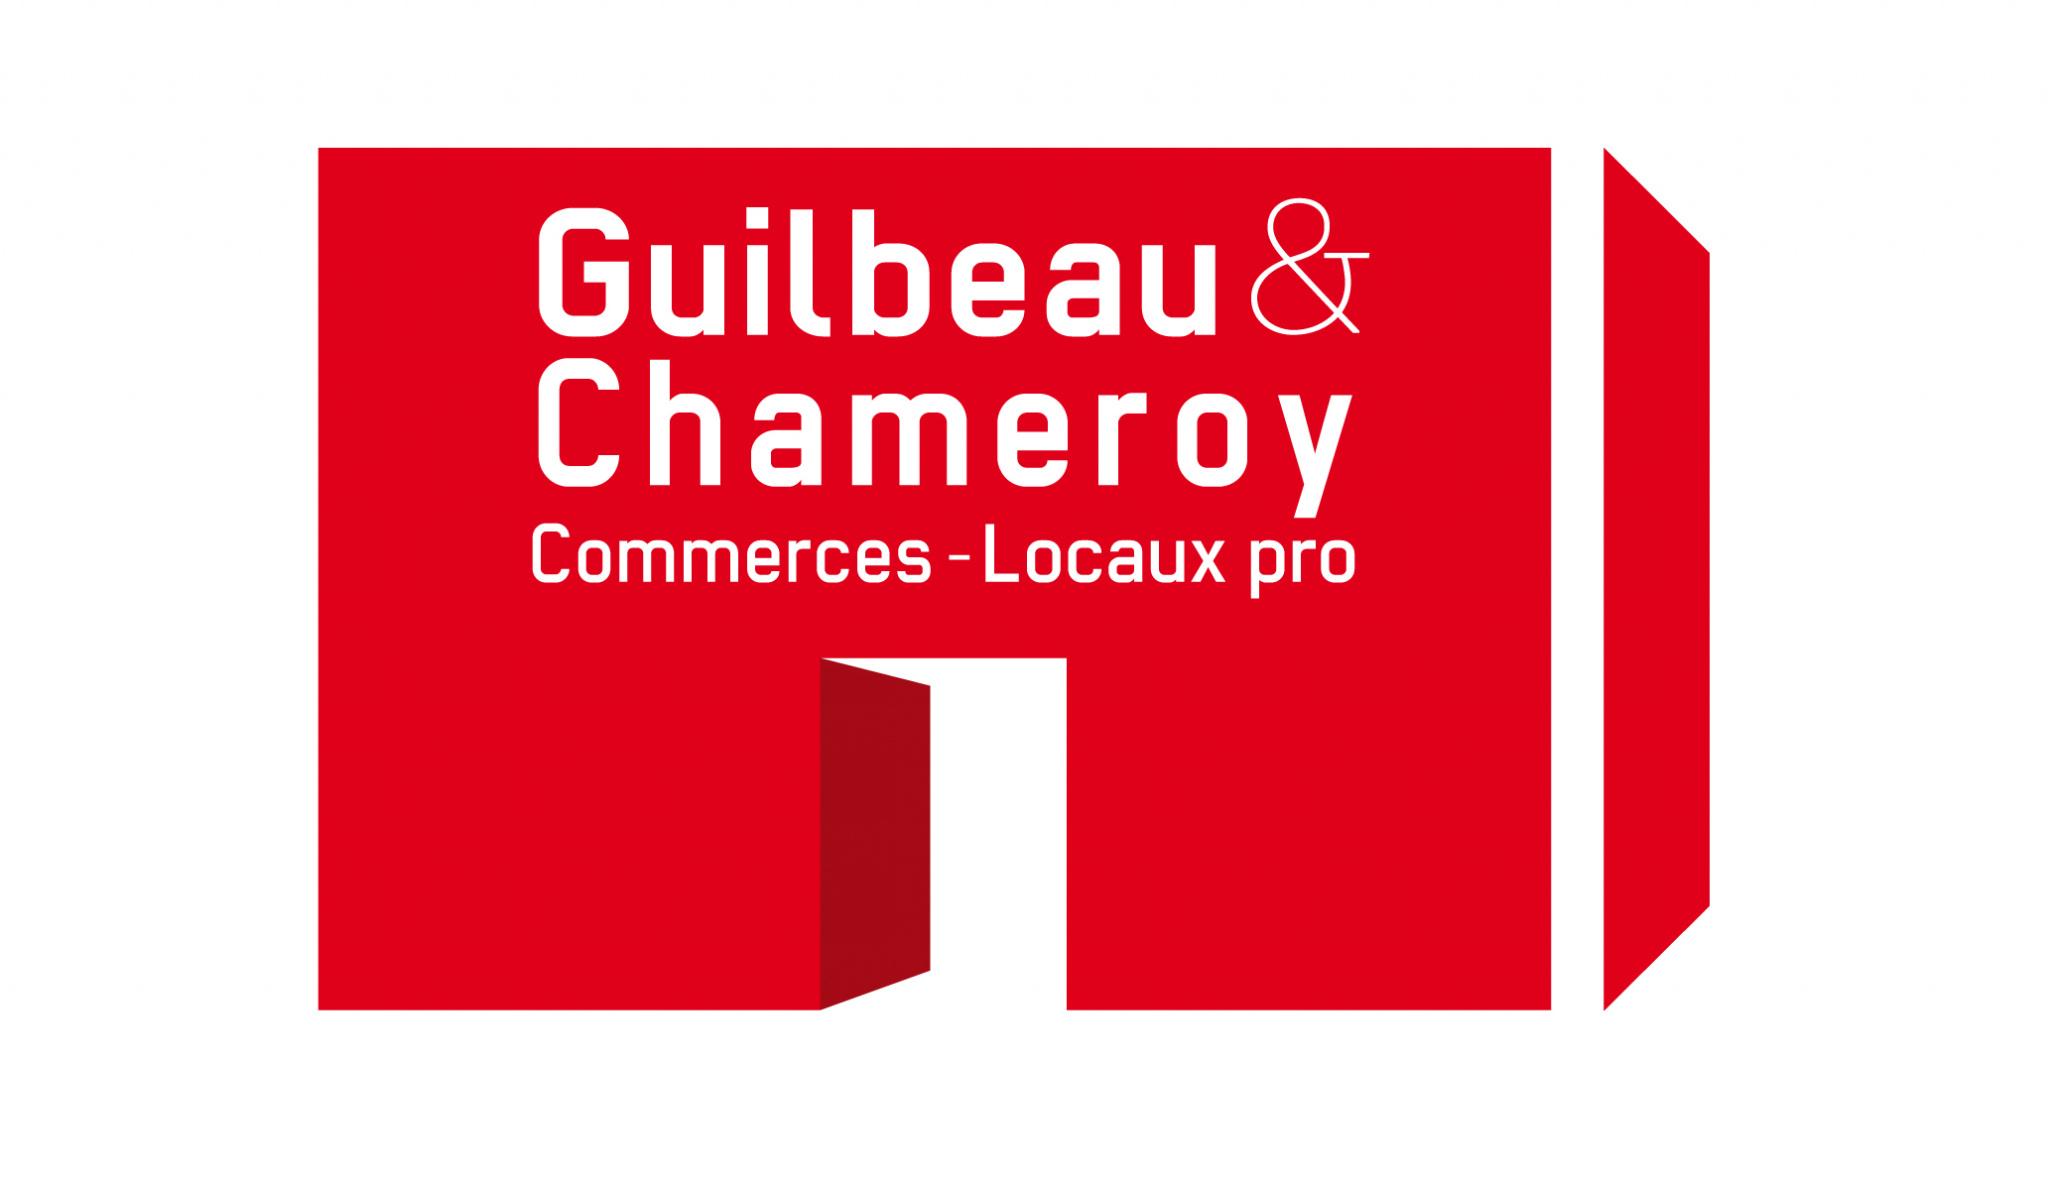 DROIT AU BAIL 42 M² ANGERS HYPER CENTRE - Bureau Local Entrepôt